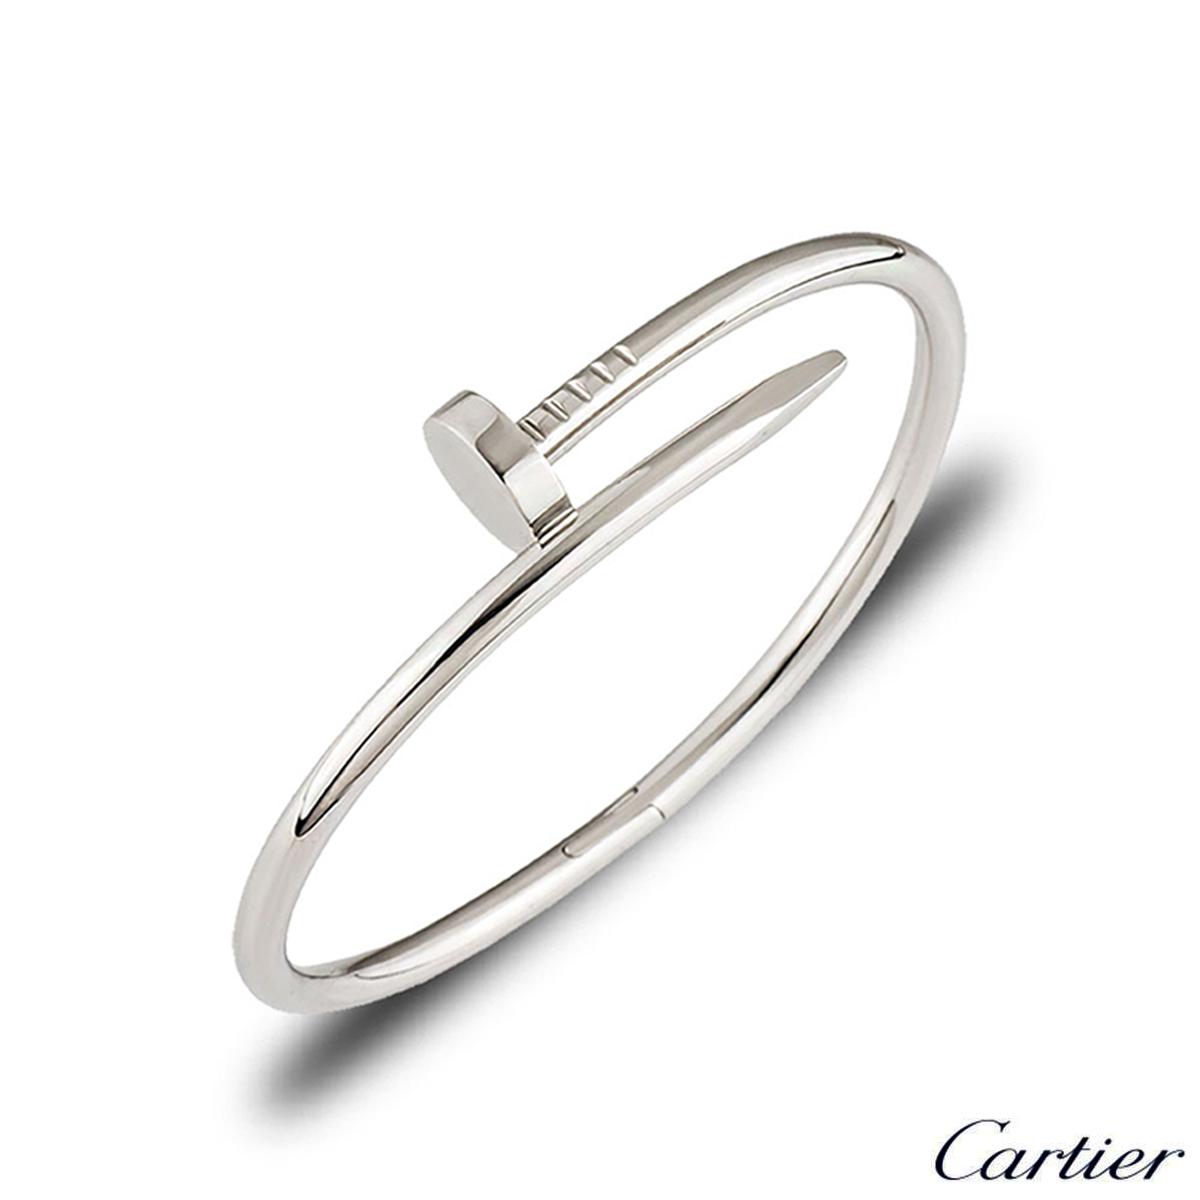 Cartier White Gold Plain Juste Un Clou Bracelet Size 19 B6048319